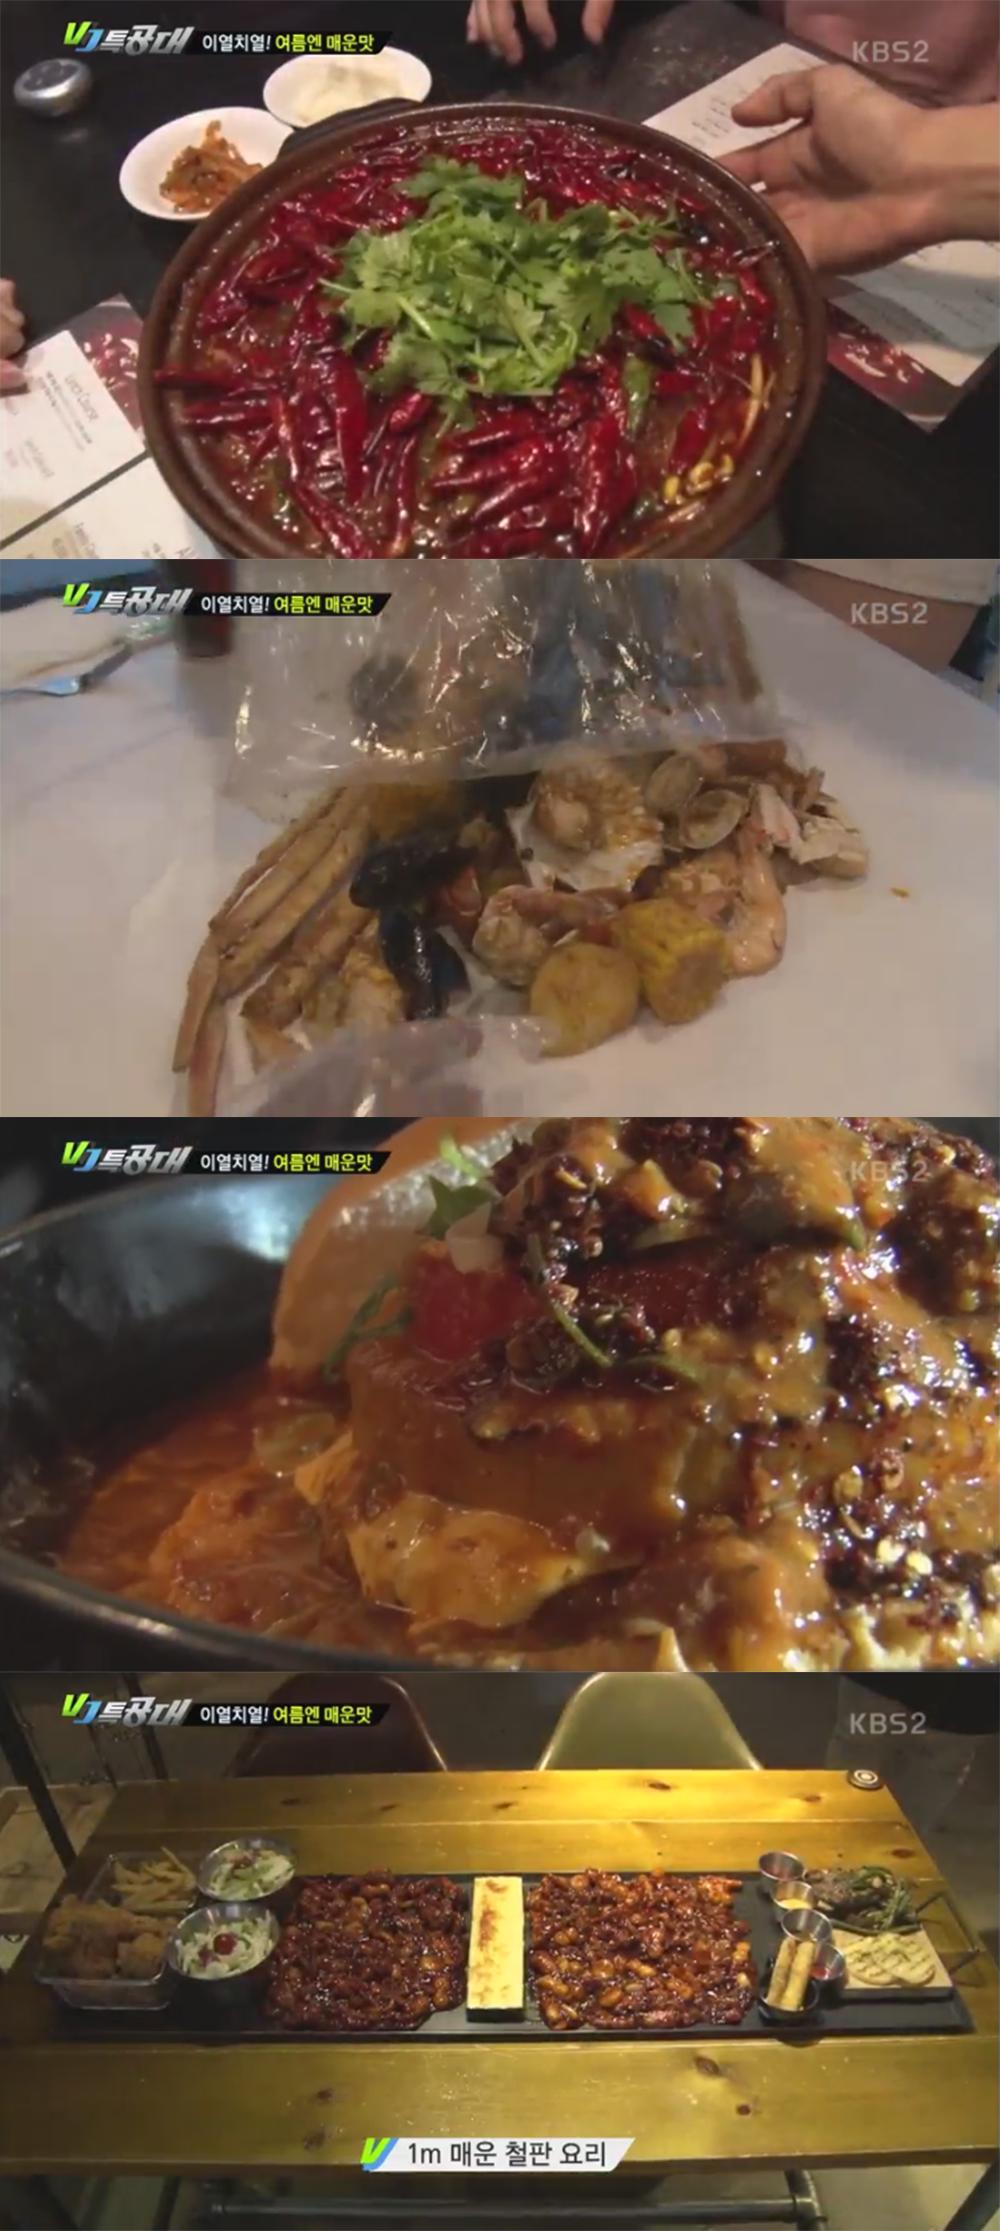 [방송리뷰] 'VJ특공대', 이열치열 매운 음식 대전…'화끈한 이색 요리들'